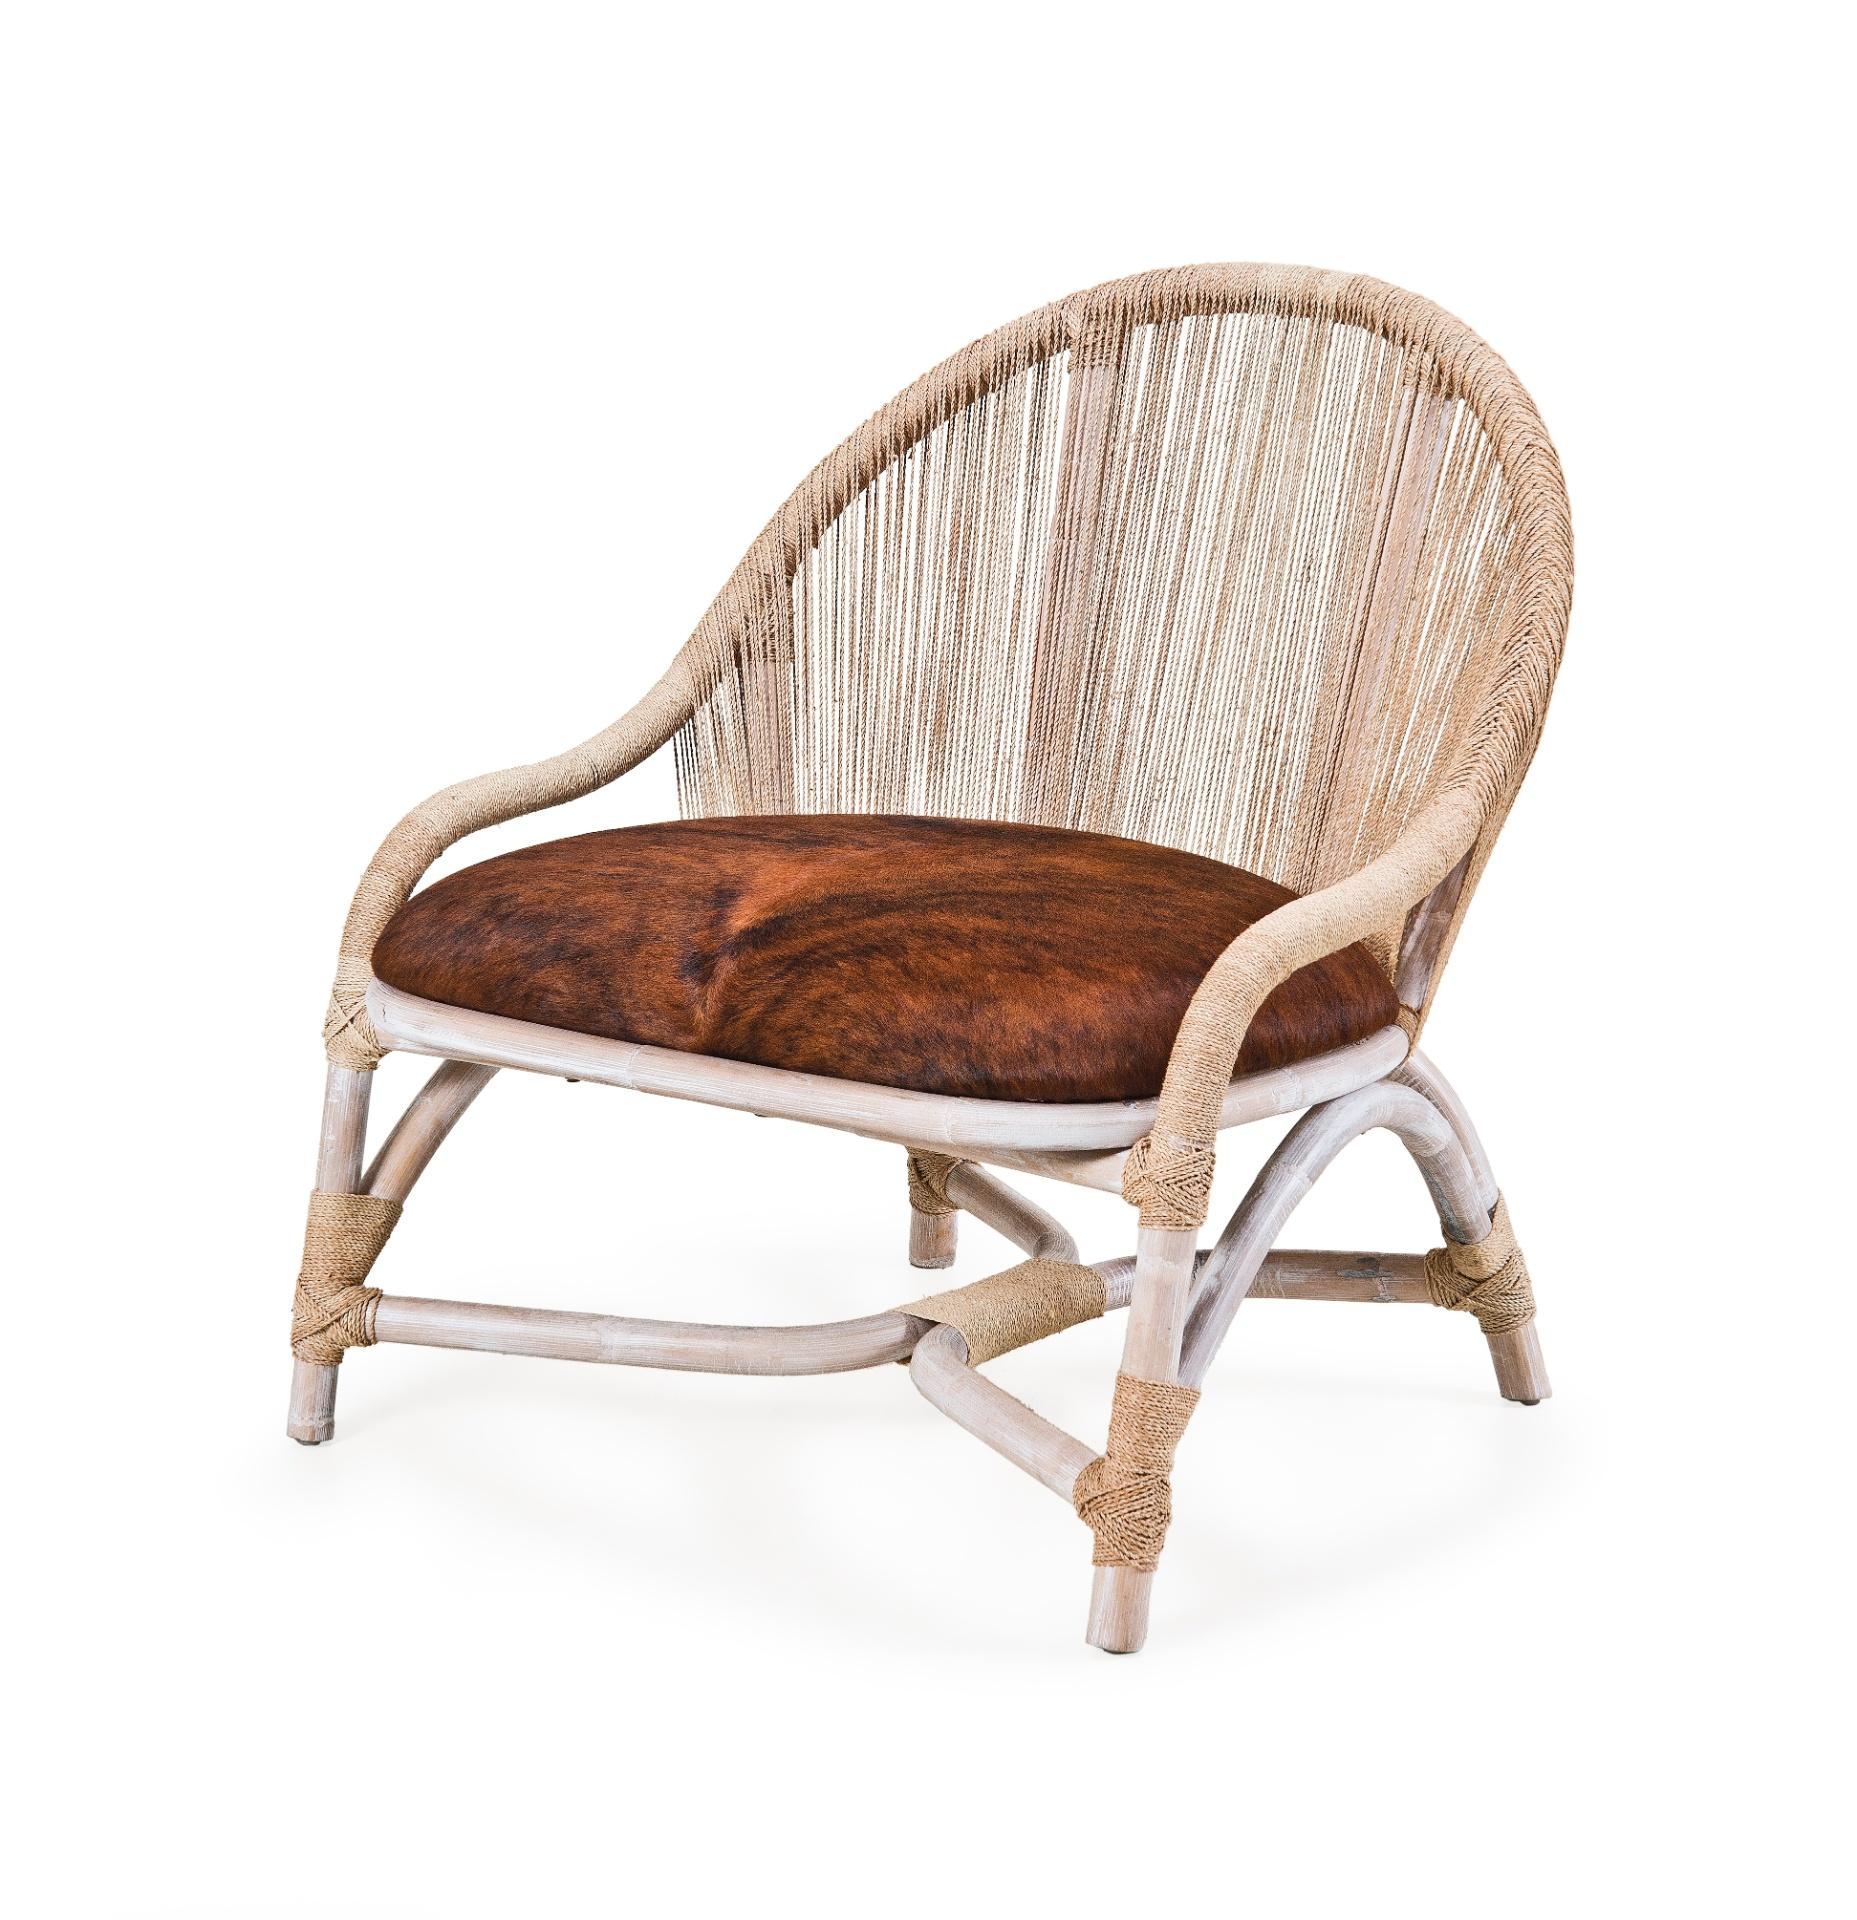 O encosto da poltrona Palau é composto por fibras da palmeira buriti. A peça tem ainda base feita de madeira e assento revestido em tecido. O móvel é comercializado na Artefacto B&C (www.artefactobc.com.br) e mede 73 cm por 74 cm por 80 cm